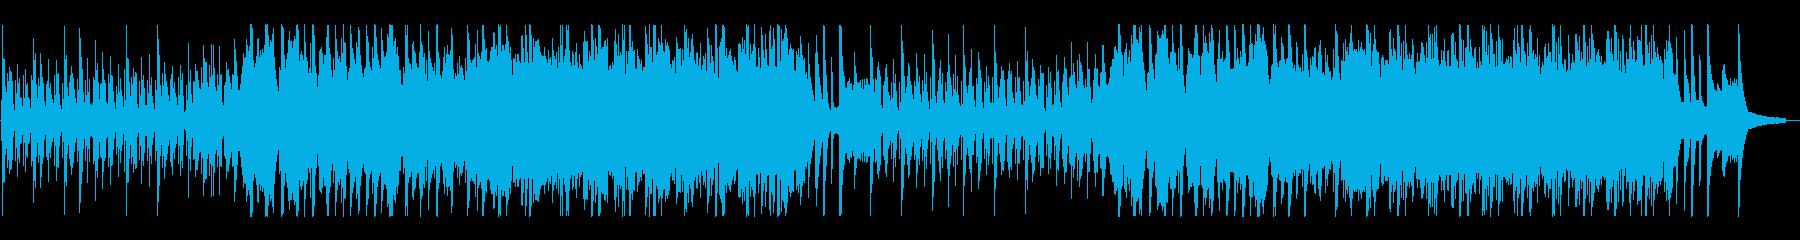 美しく優しいピアノ&感動的なストリングスの再生済みの波形